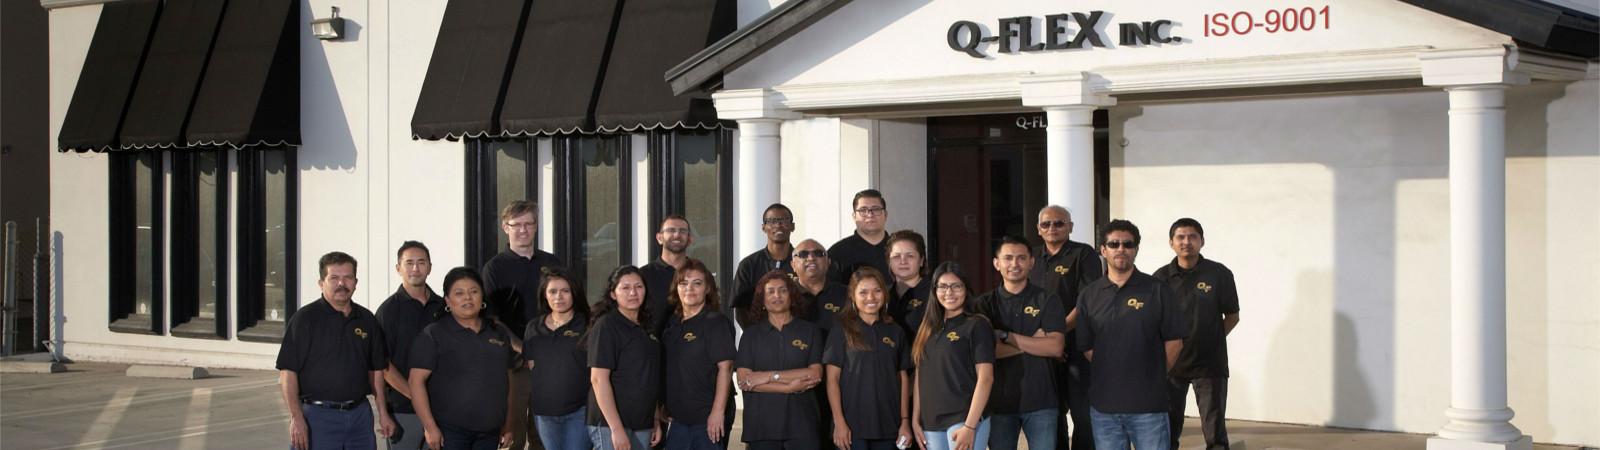 Qflex Inc